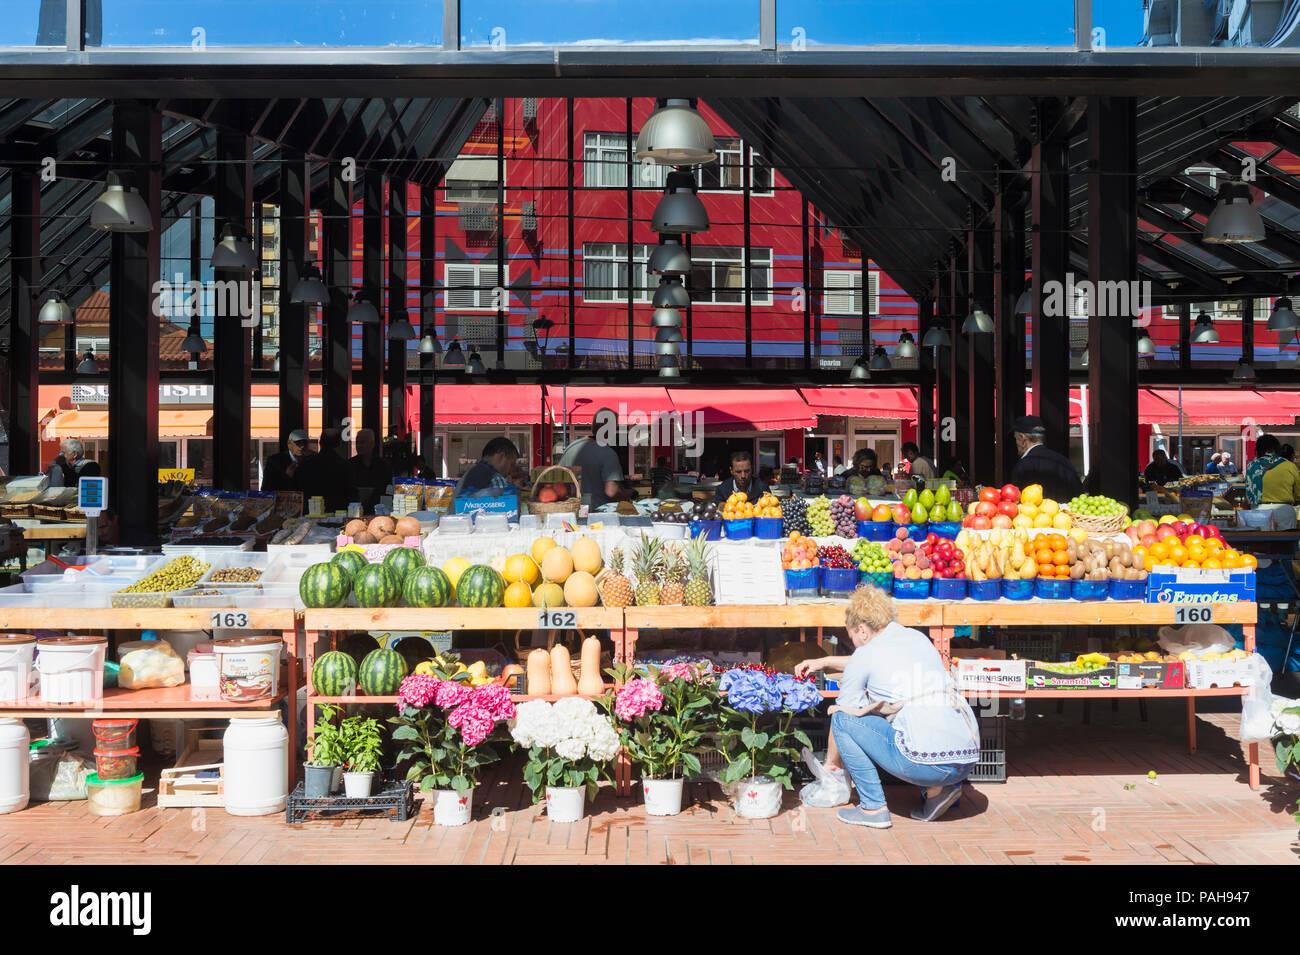 New bazar, Market stalls, Tirana, Albania - Stock Image